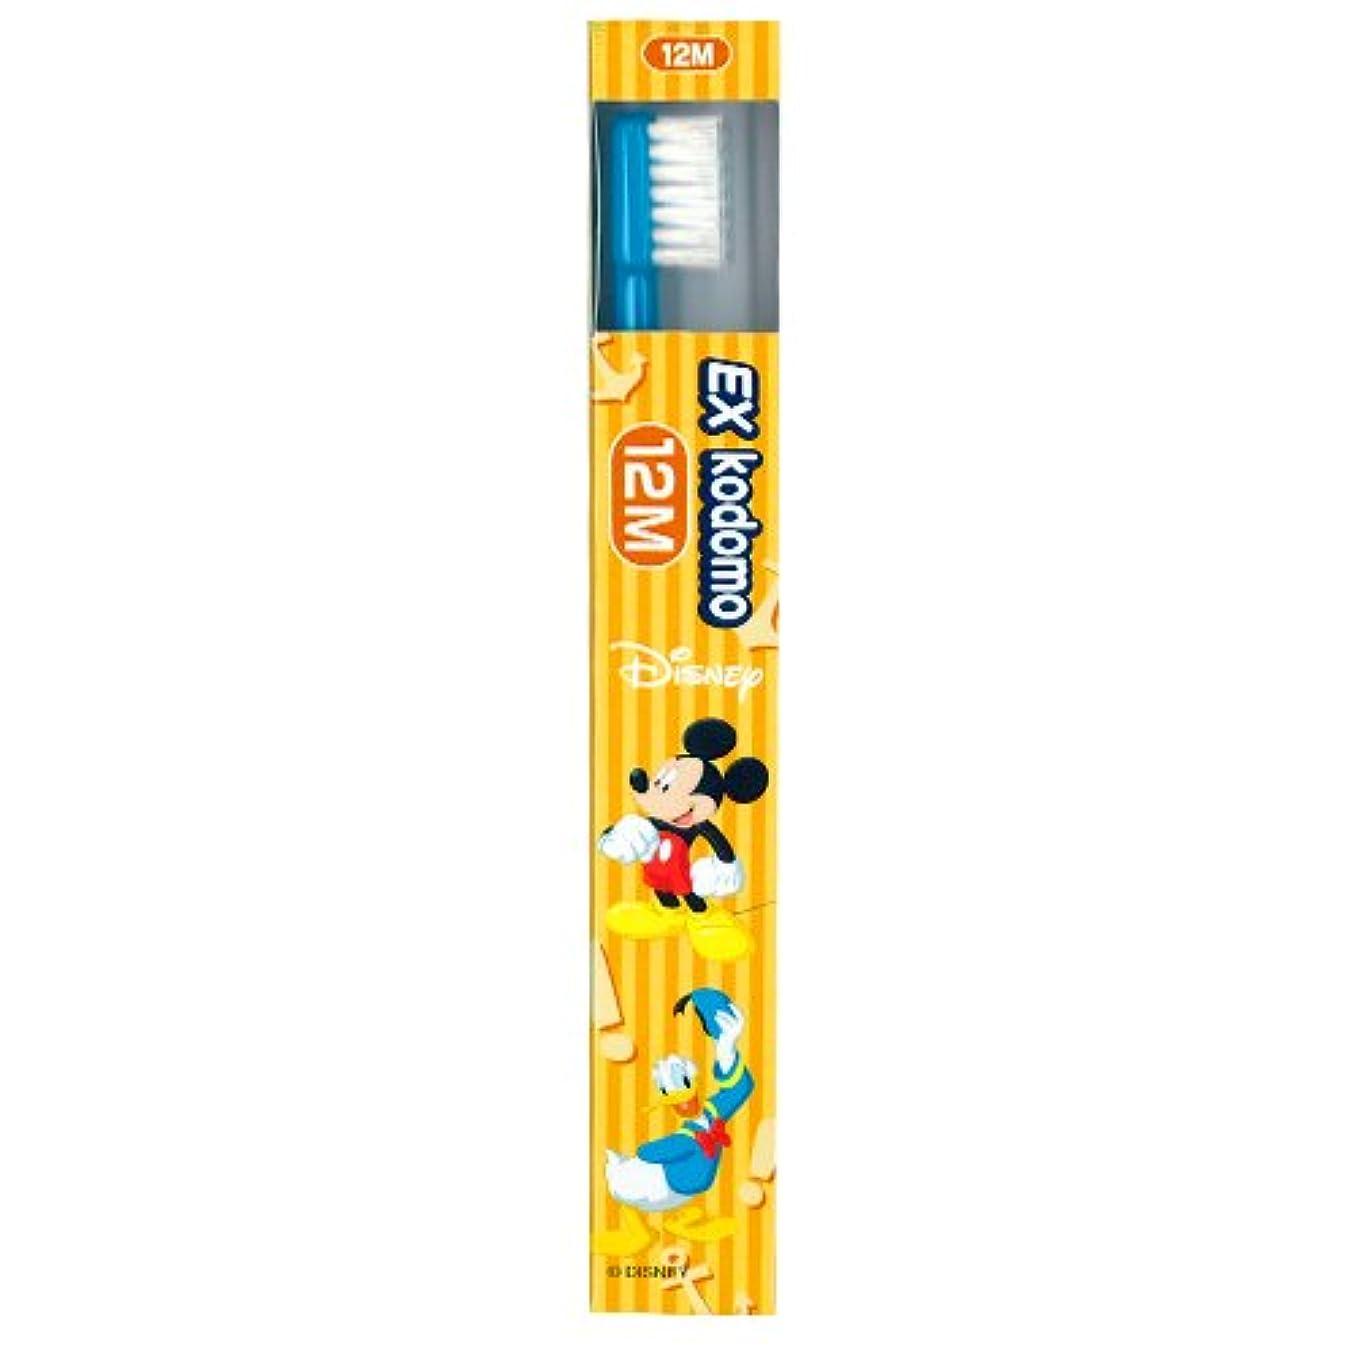 征服するグラフィック見つけたライオン EX kodomo ディズニー 歯ブラシ 1本 12M ブルー